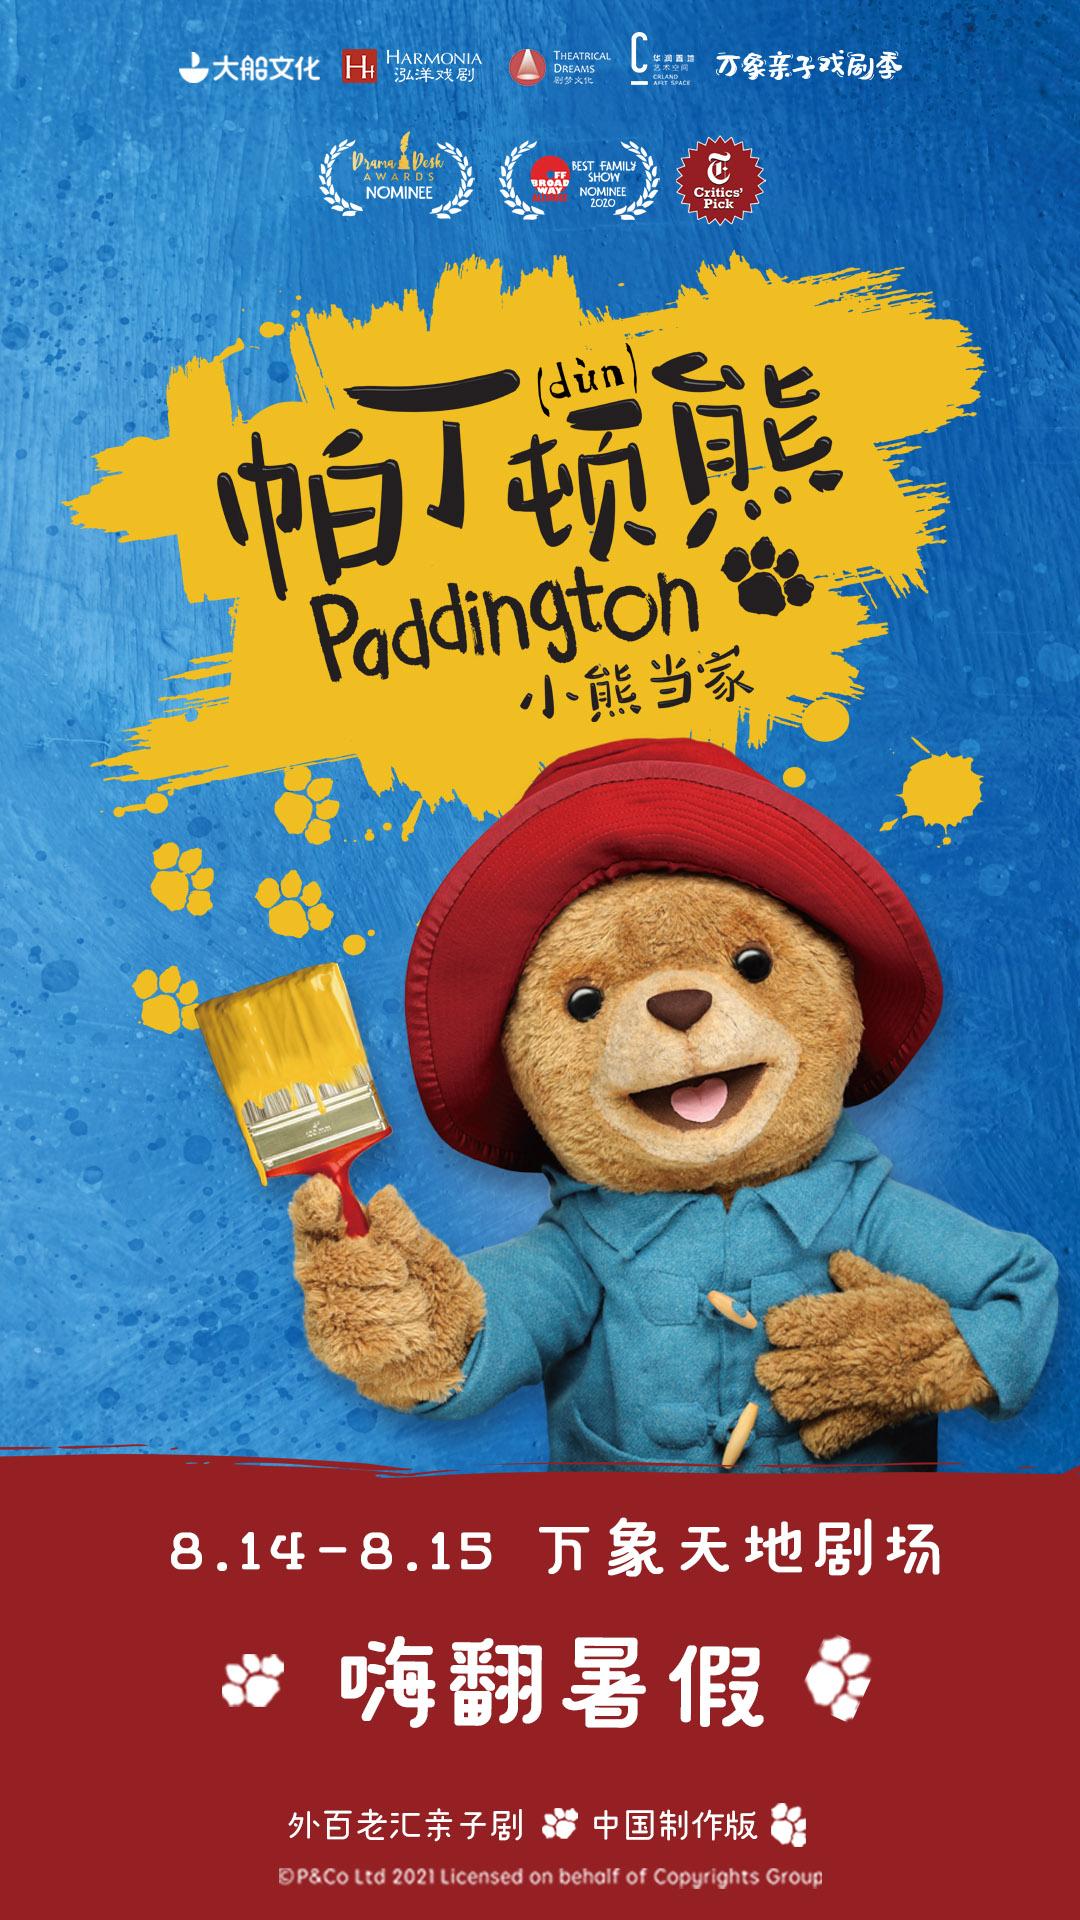 【深圳】大船文化·外百老汇亲子剧《帕丁顿熊之小熊当家》中国制作版